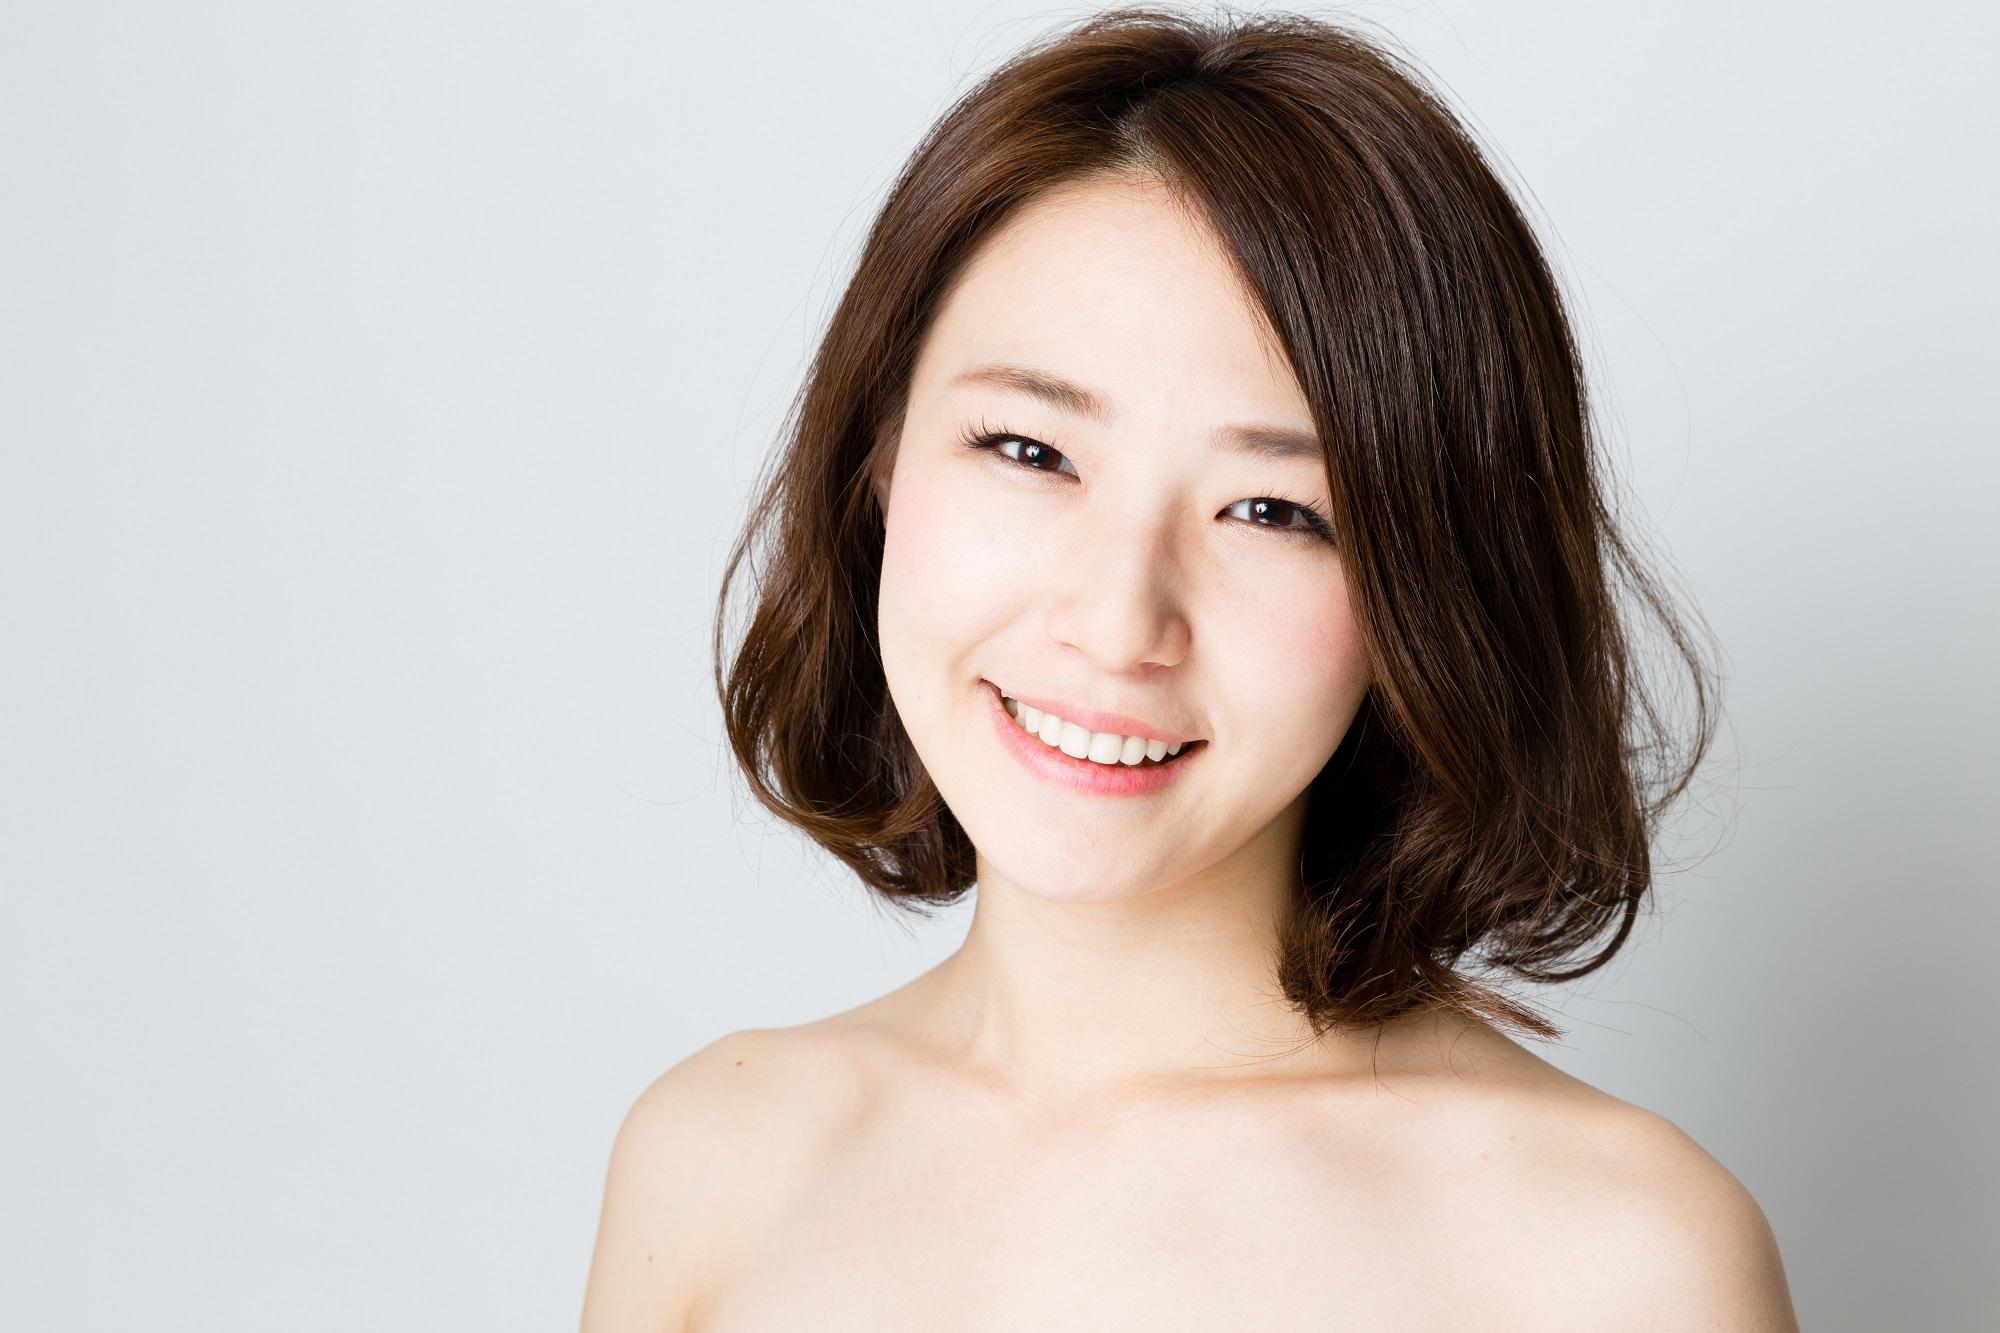 Quy trình 2 bước dưỡng trắng tối giản dành cho nàng lười